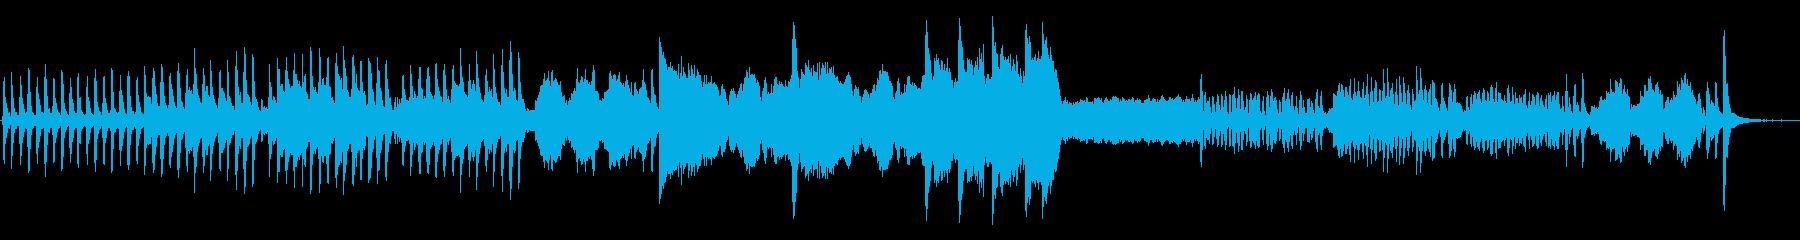 金平糖の精の踊り02(フルオケLP版)の再生済みの波形